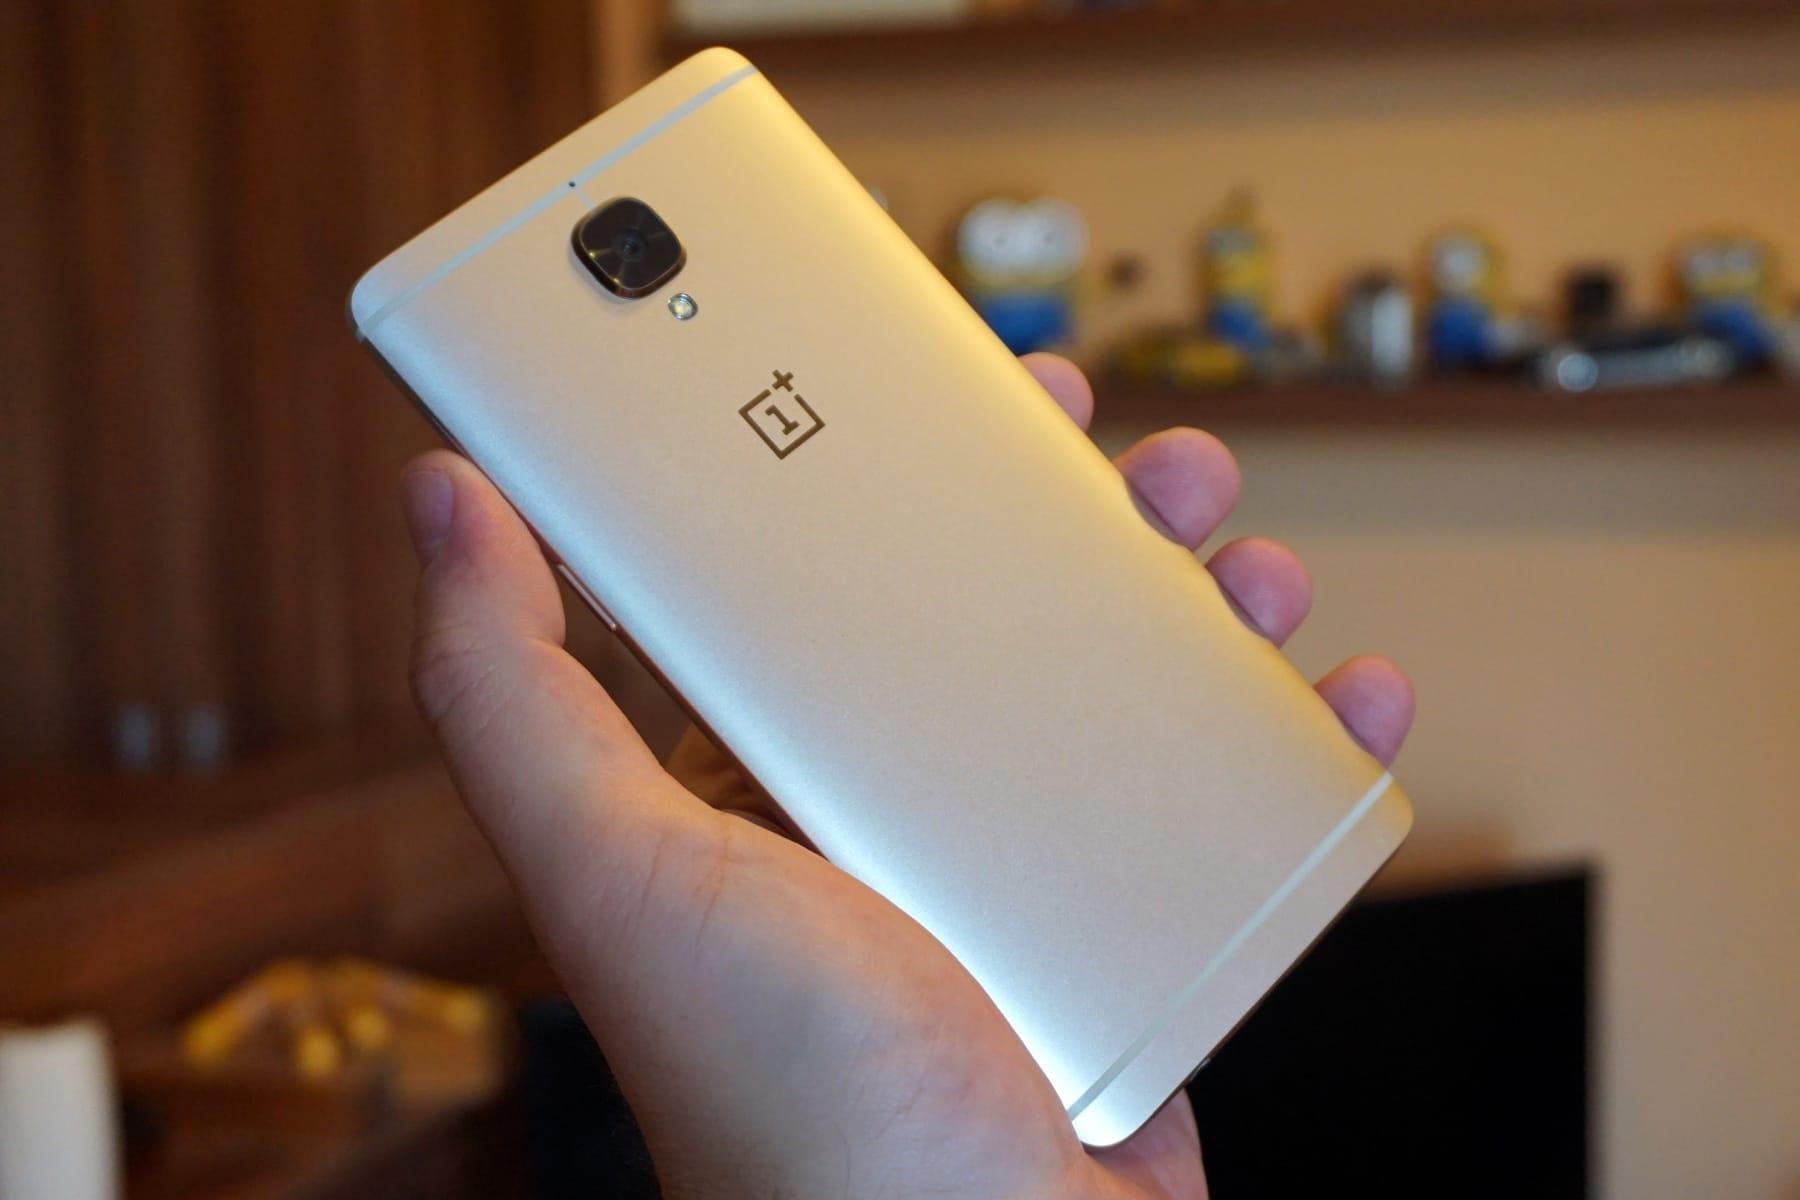 Смартфон OnePlus 5 поступил в реализацию  вновом цвете